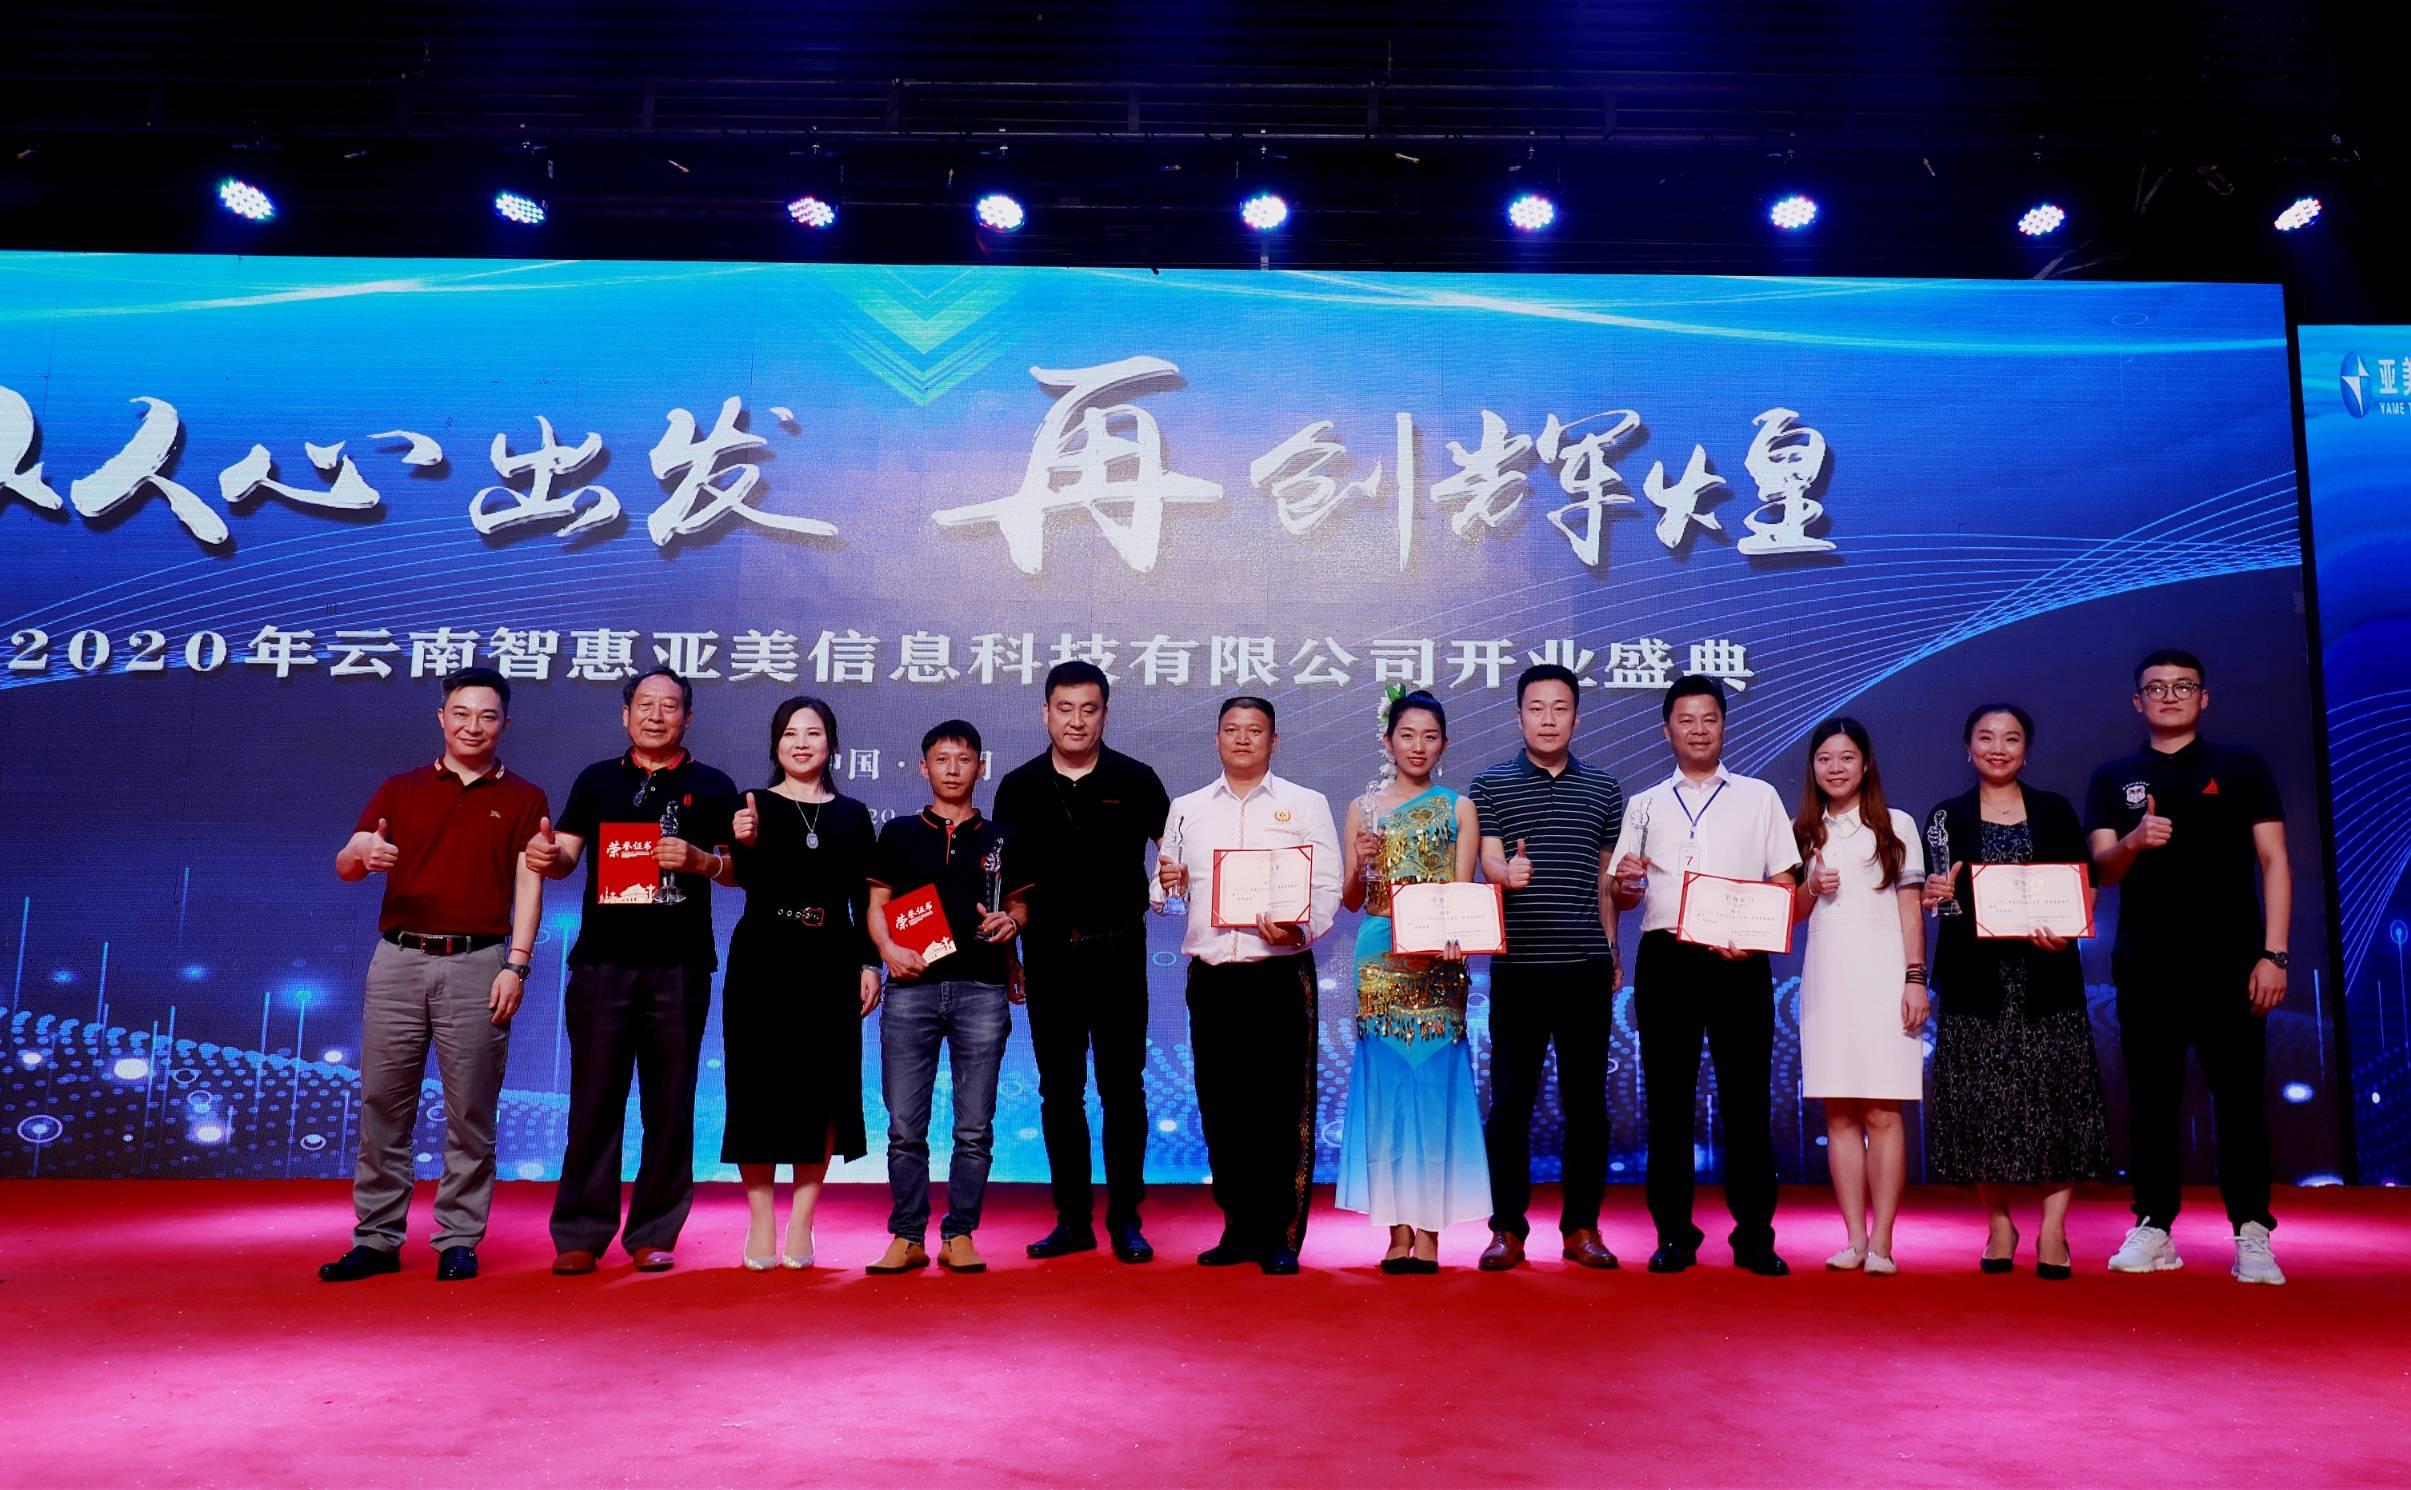 亚美科技落子云南 开启车联网大数据应用新征程-天津热点网